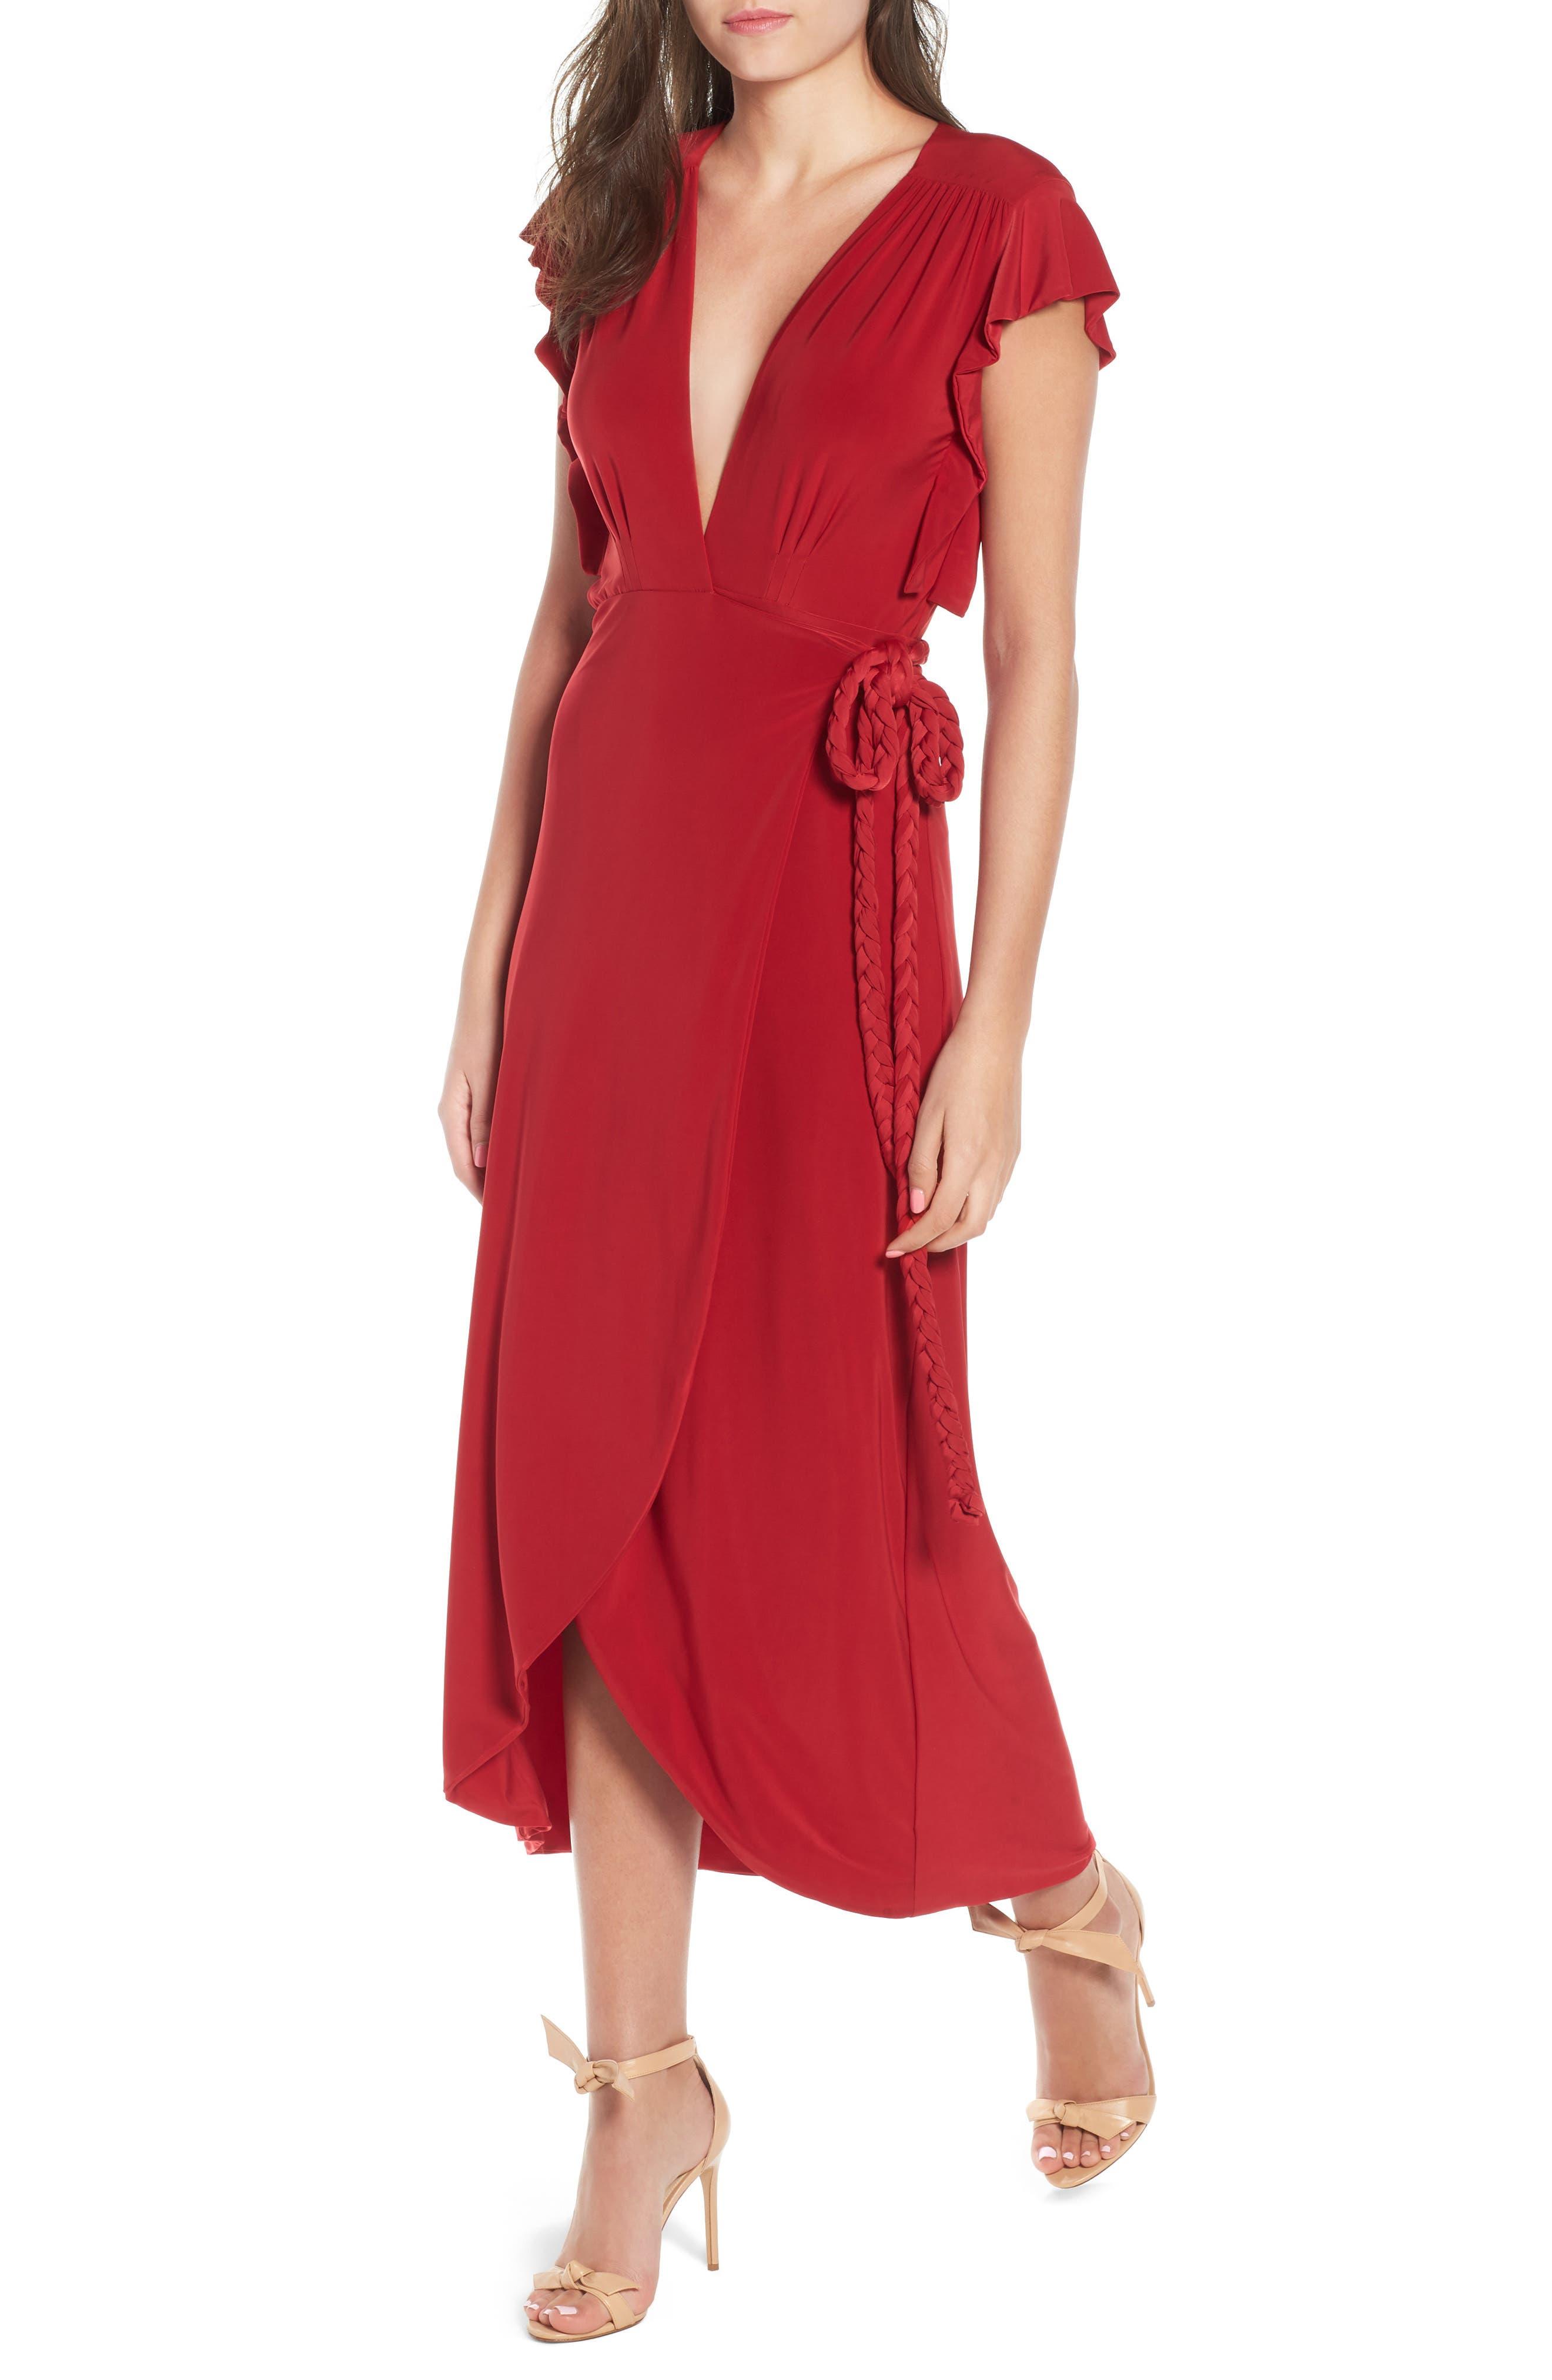 MISA LOS ANGELES, Irina Dress, Main thumbnail 1, color, RED